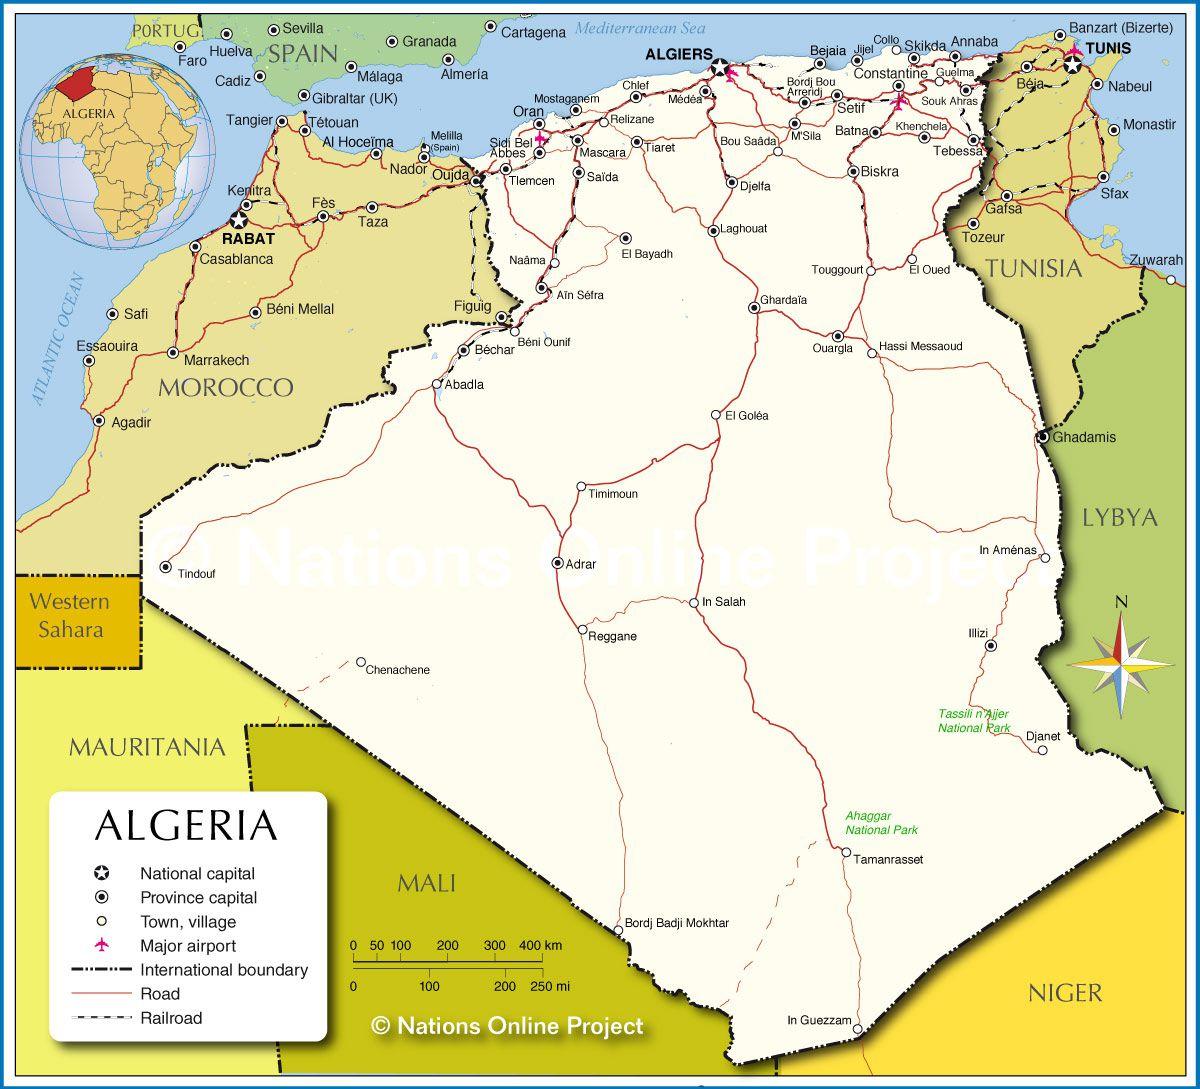 Carte De L'algérie - Villes, Routes, Relief, Administrative intérieur Carte De La France Avec Ville